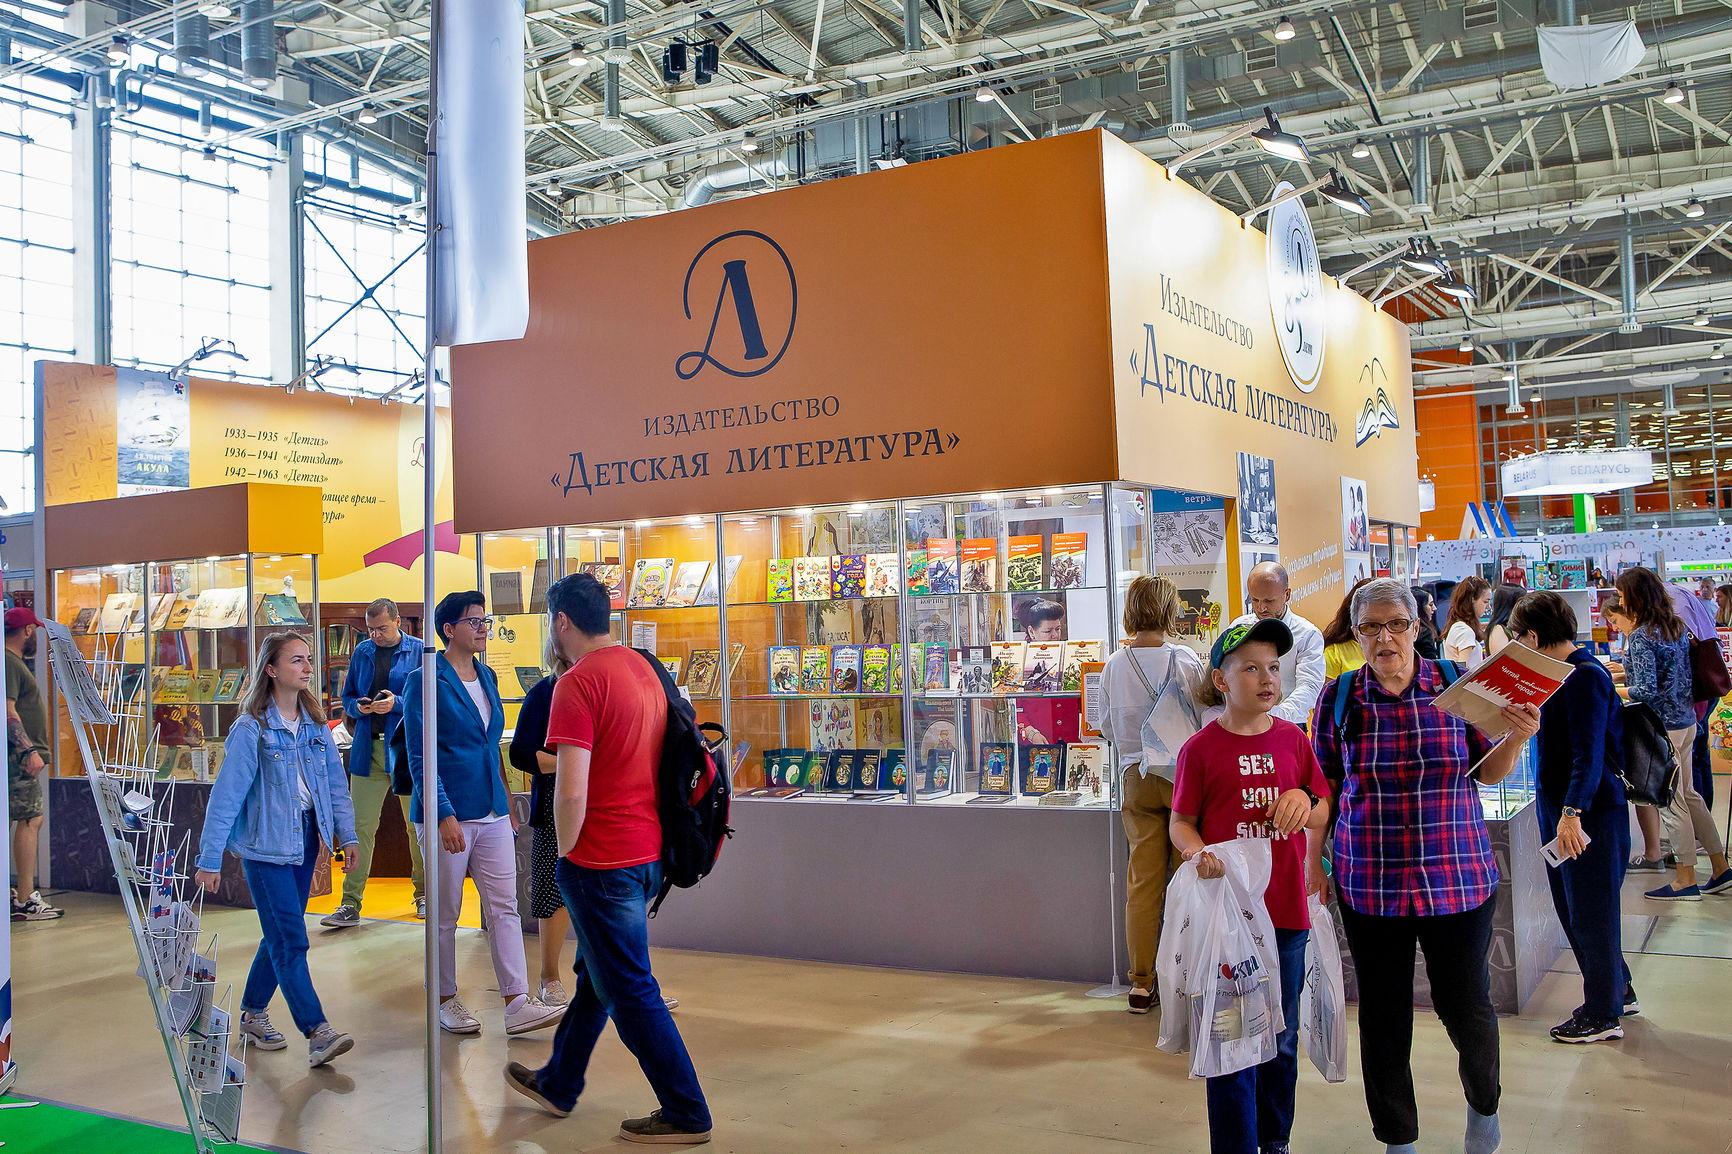 Фоторепортаж от Издательства «Детская Литература» с ежегодной Московской Международной книжной выставке-ярмарке 2019